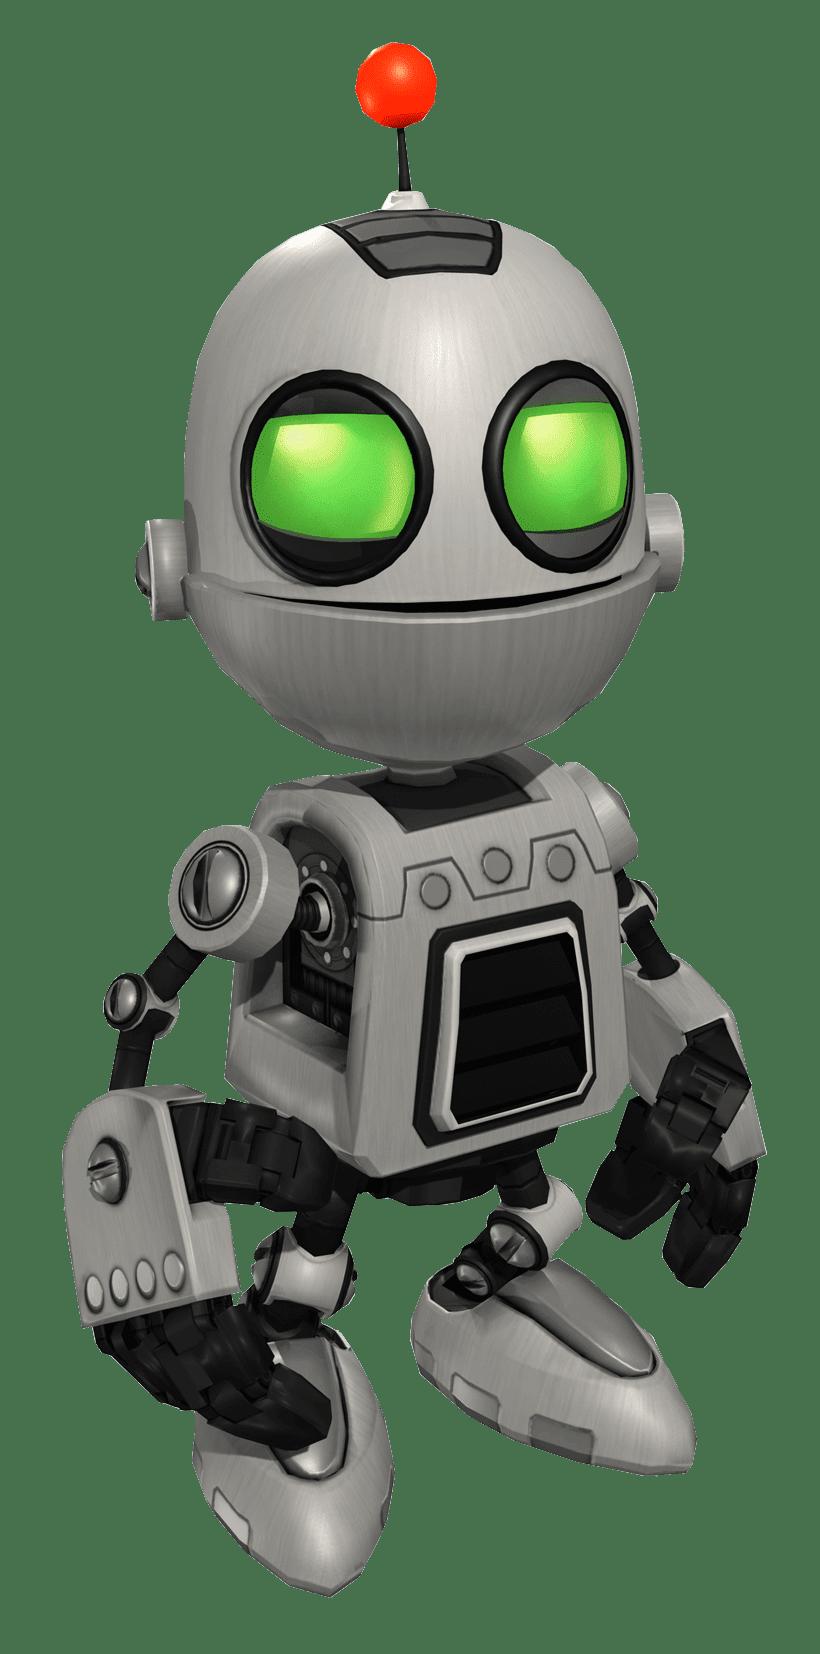 TOP 10 Personnages mignons jeux-vidéo My Geek Actu Clank.png